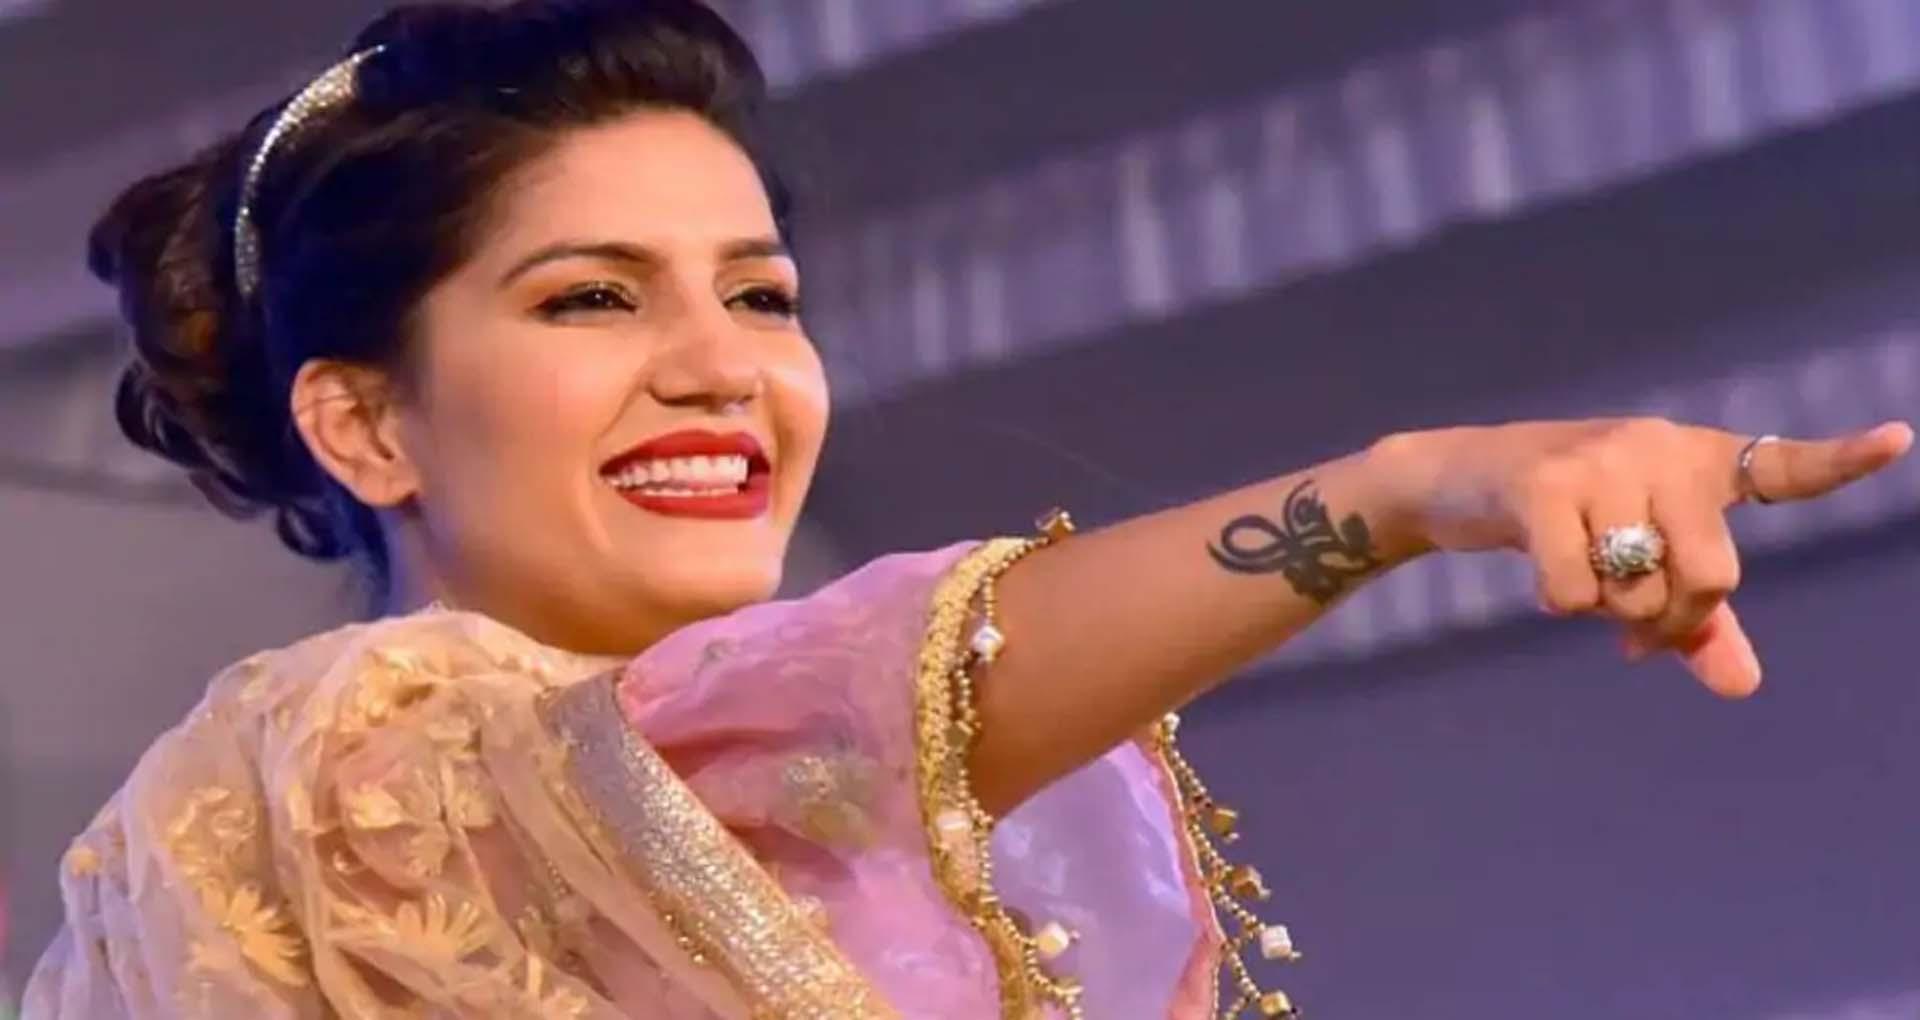 Sapna Choudhary Dance Video: सपना चौधरी ने विक्की काजला संग लगाए जोरदार ठुमके! देखें वीडियो